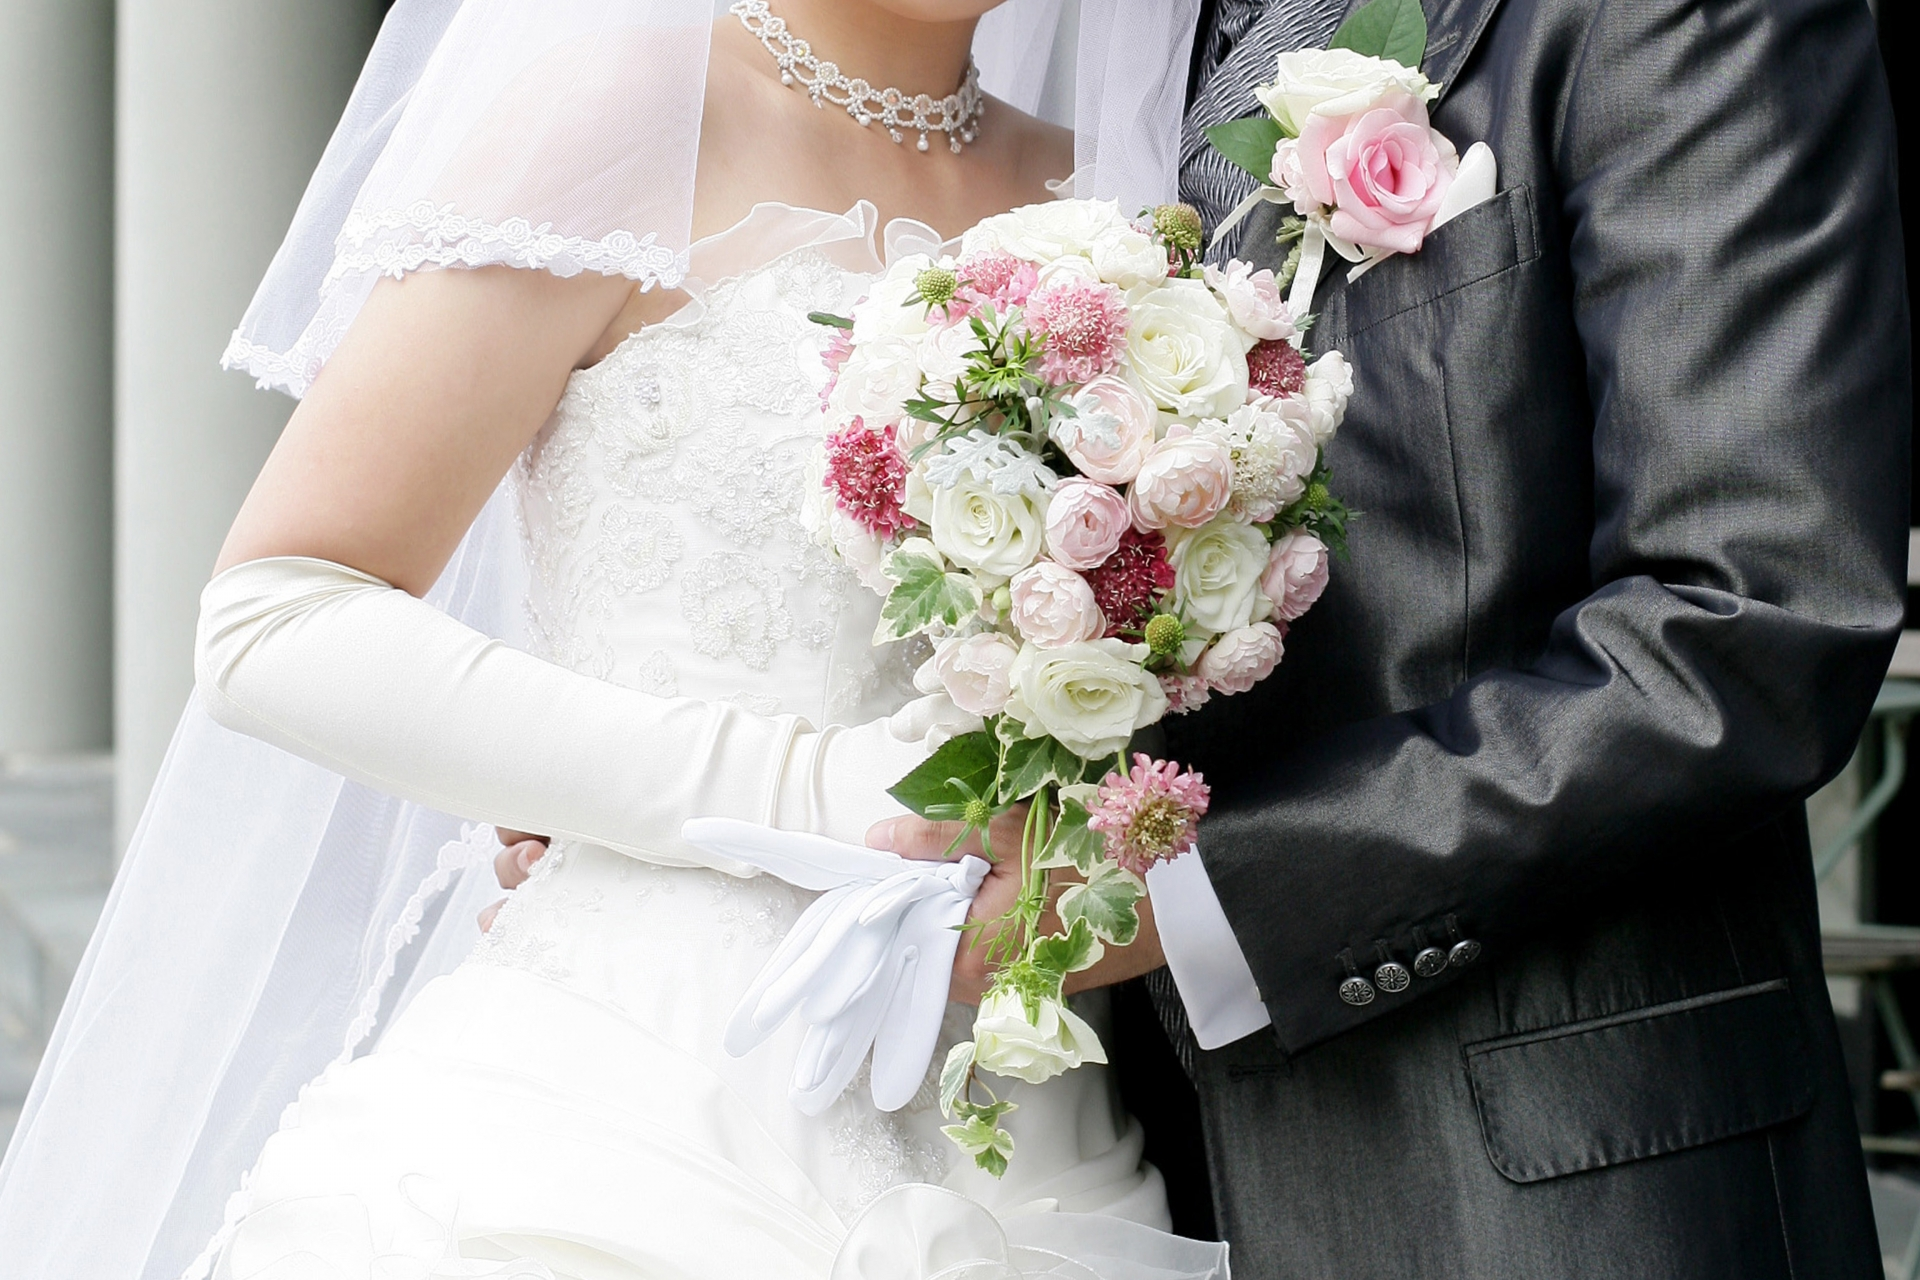 結婚式を欠席する理由の伝え方・書き方!相手に配慮した言い方とは?